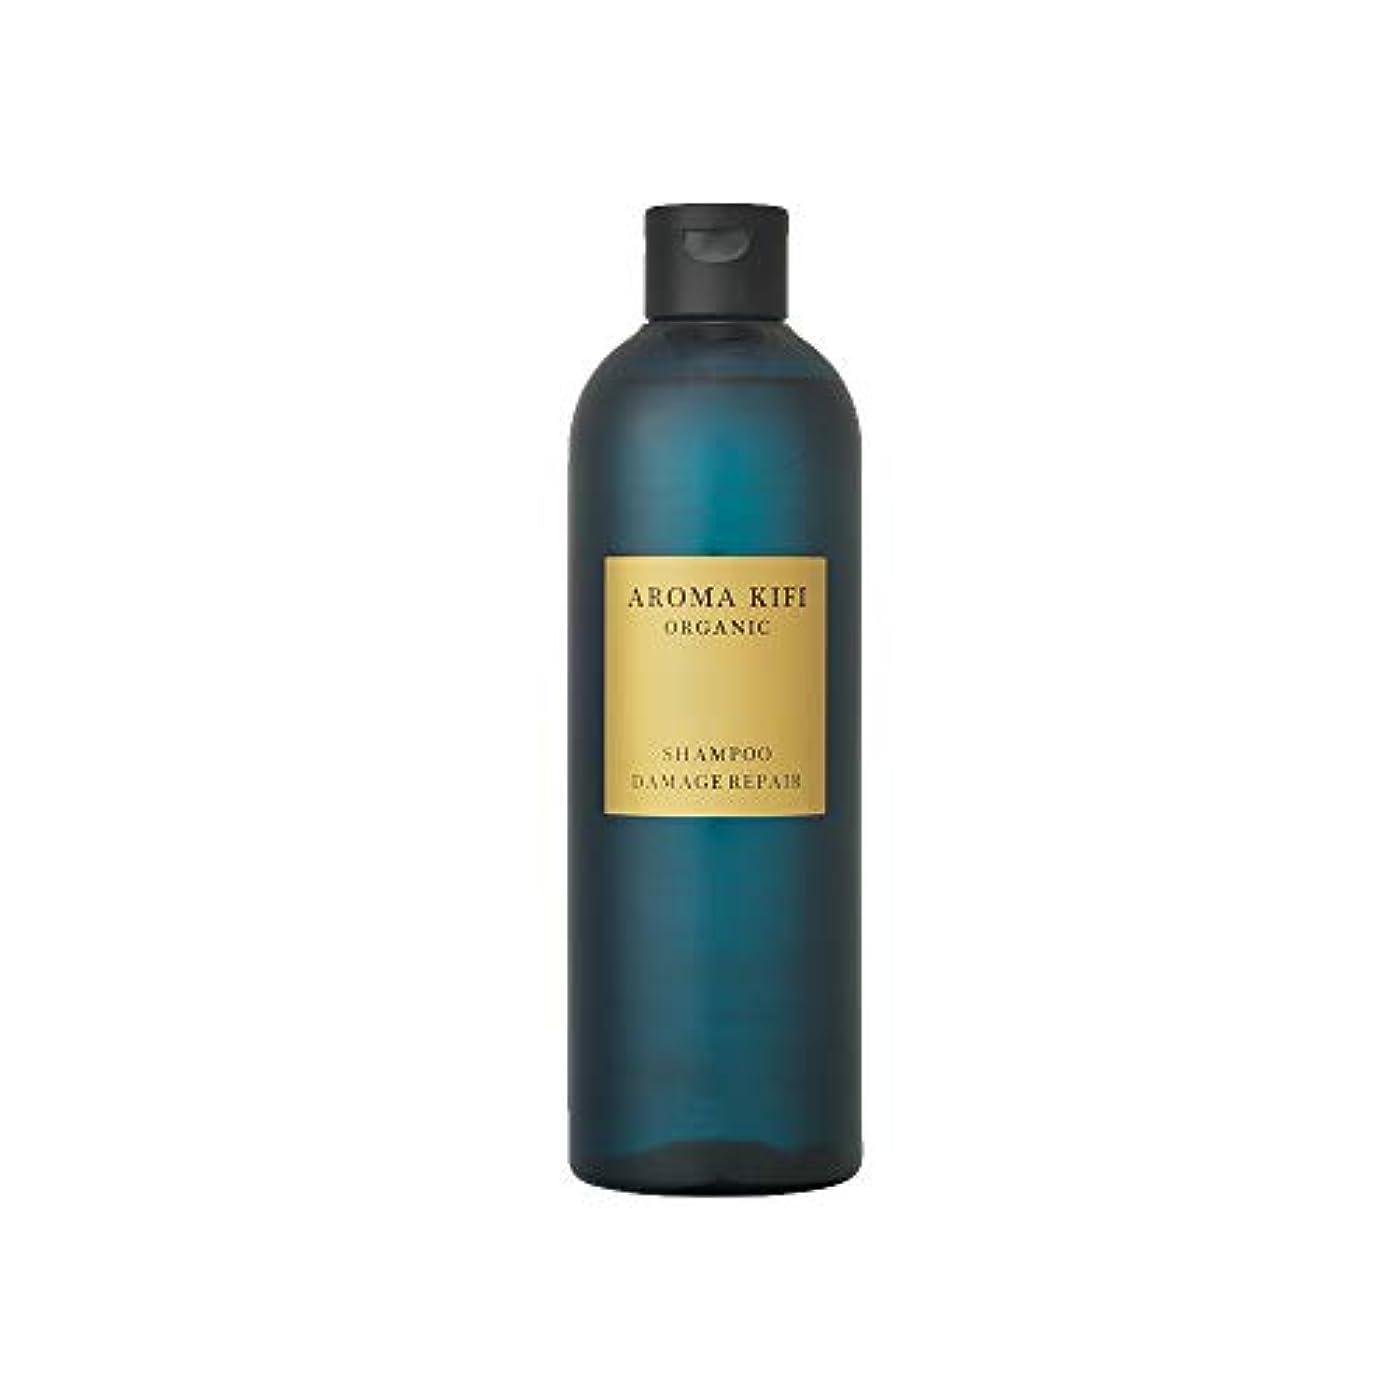 急勾配の出席針アロマキフィ オーガニック シャンプー 480ml 【ダメージリペア】サロン品質 ノンシリコン 無添加 アロマティックローズの香り